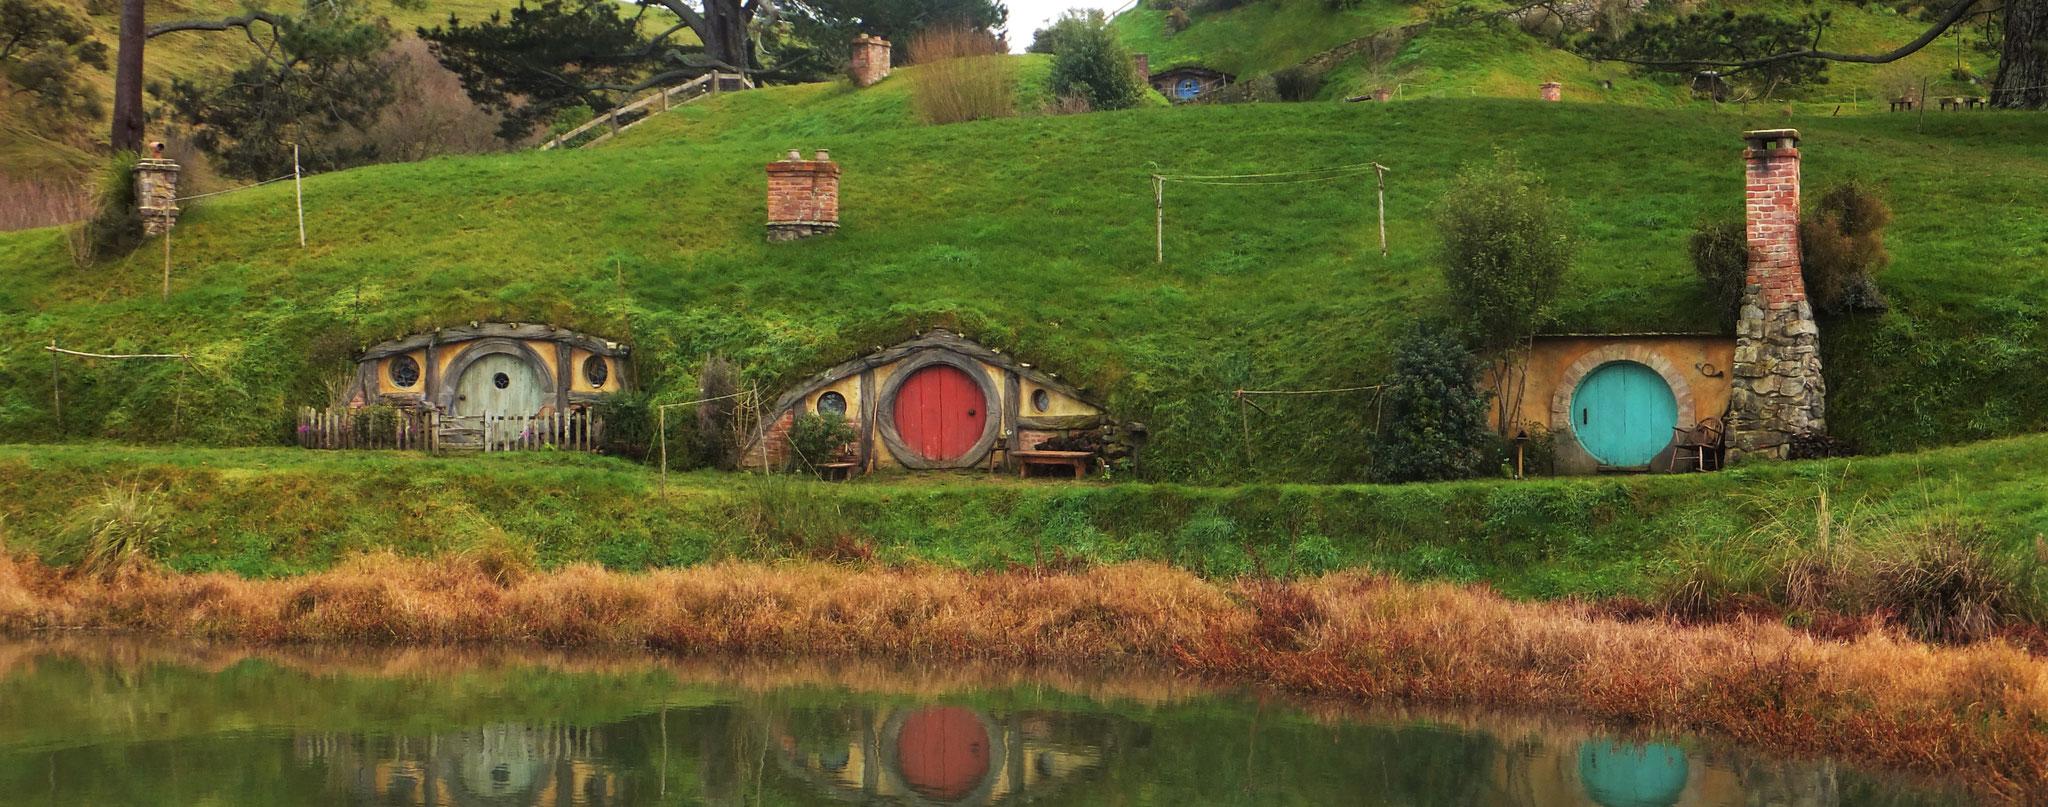 There and back again: Zwei Reisen zu den Hobbits [mehr...]